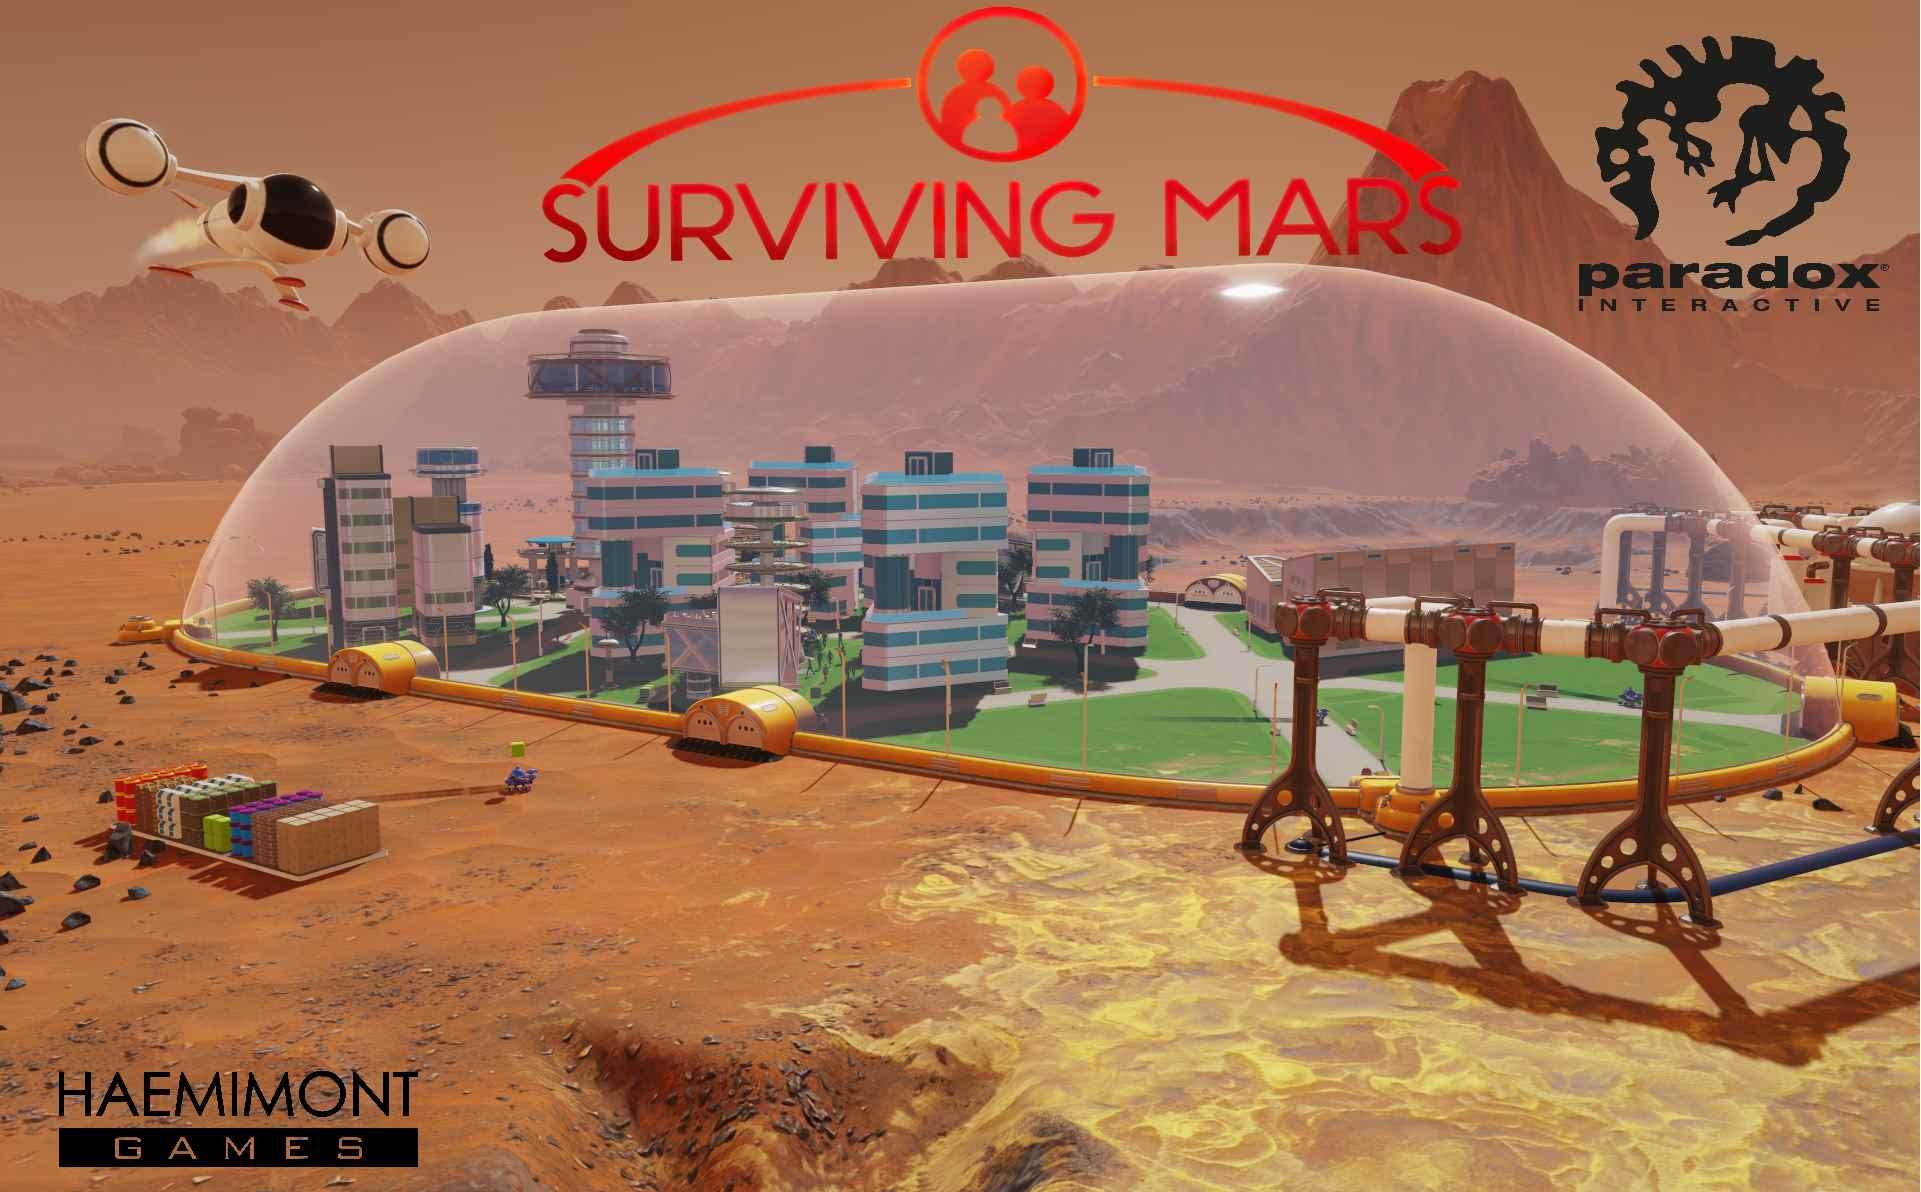 Critique Vidéo : Surviving Mars